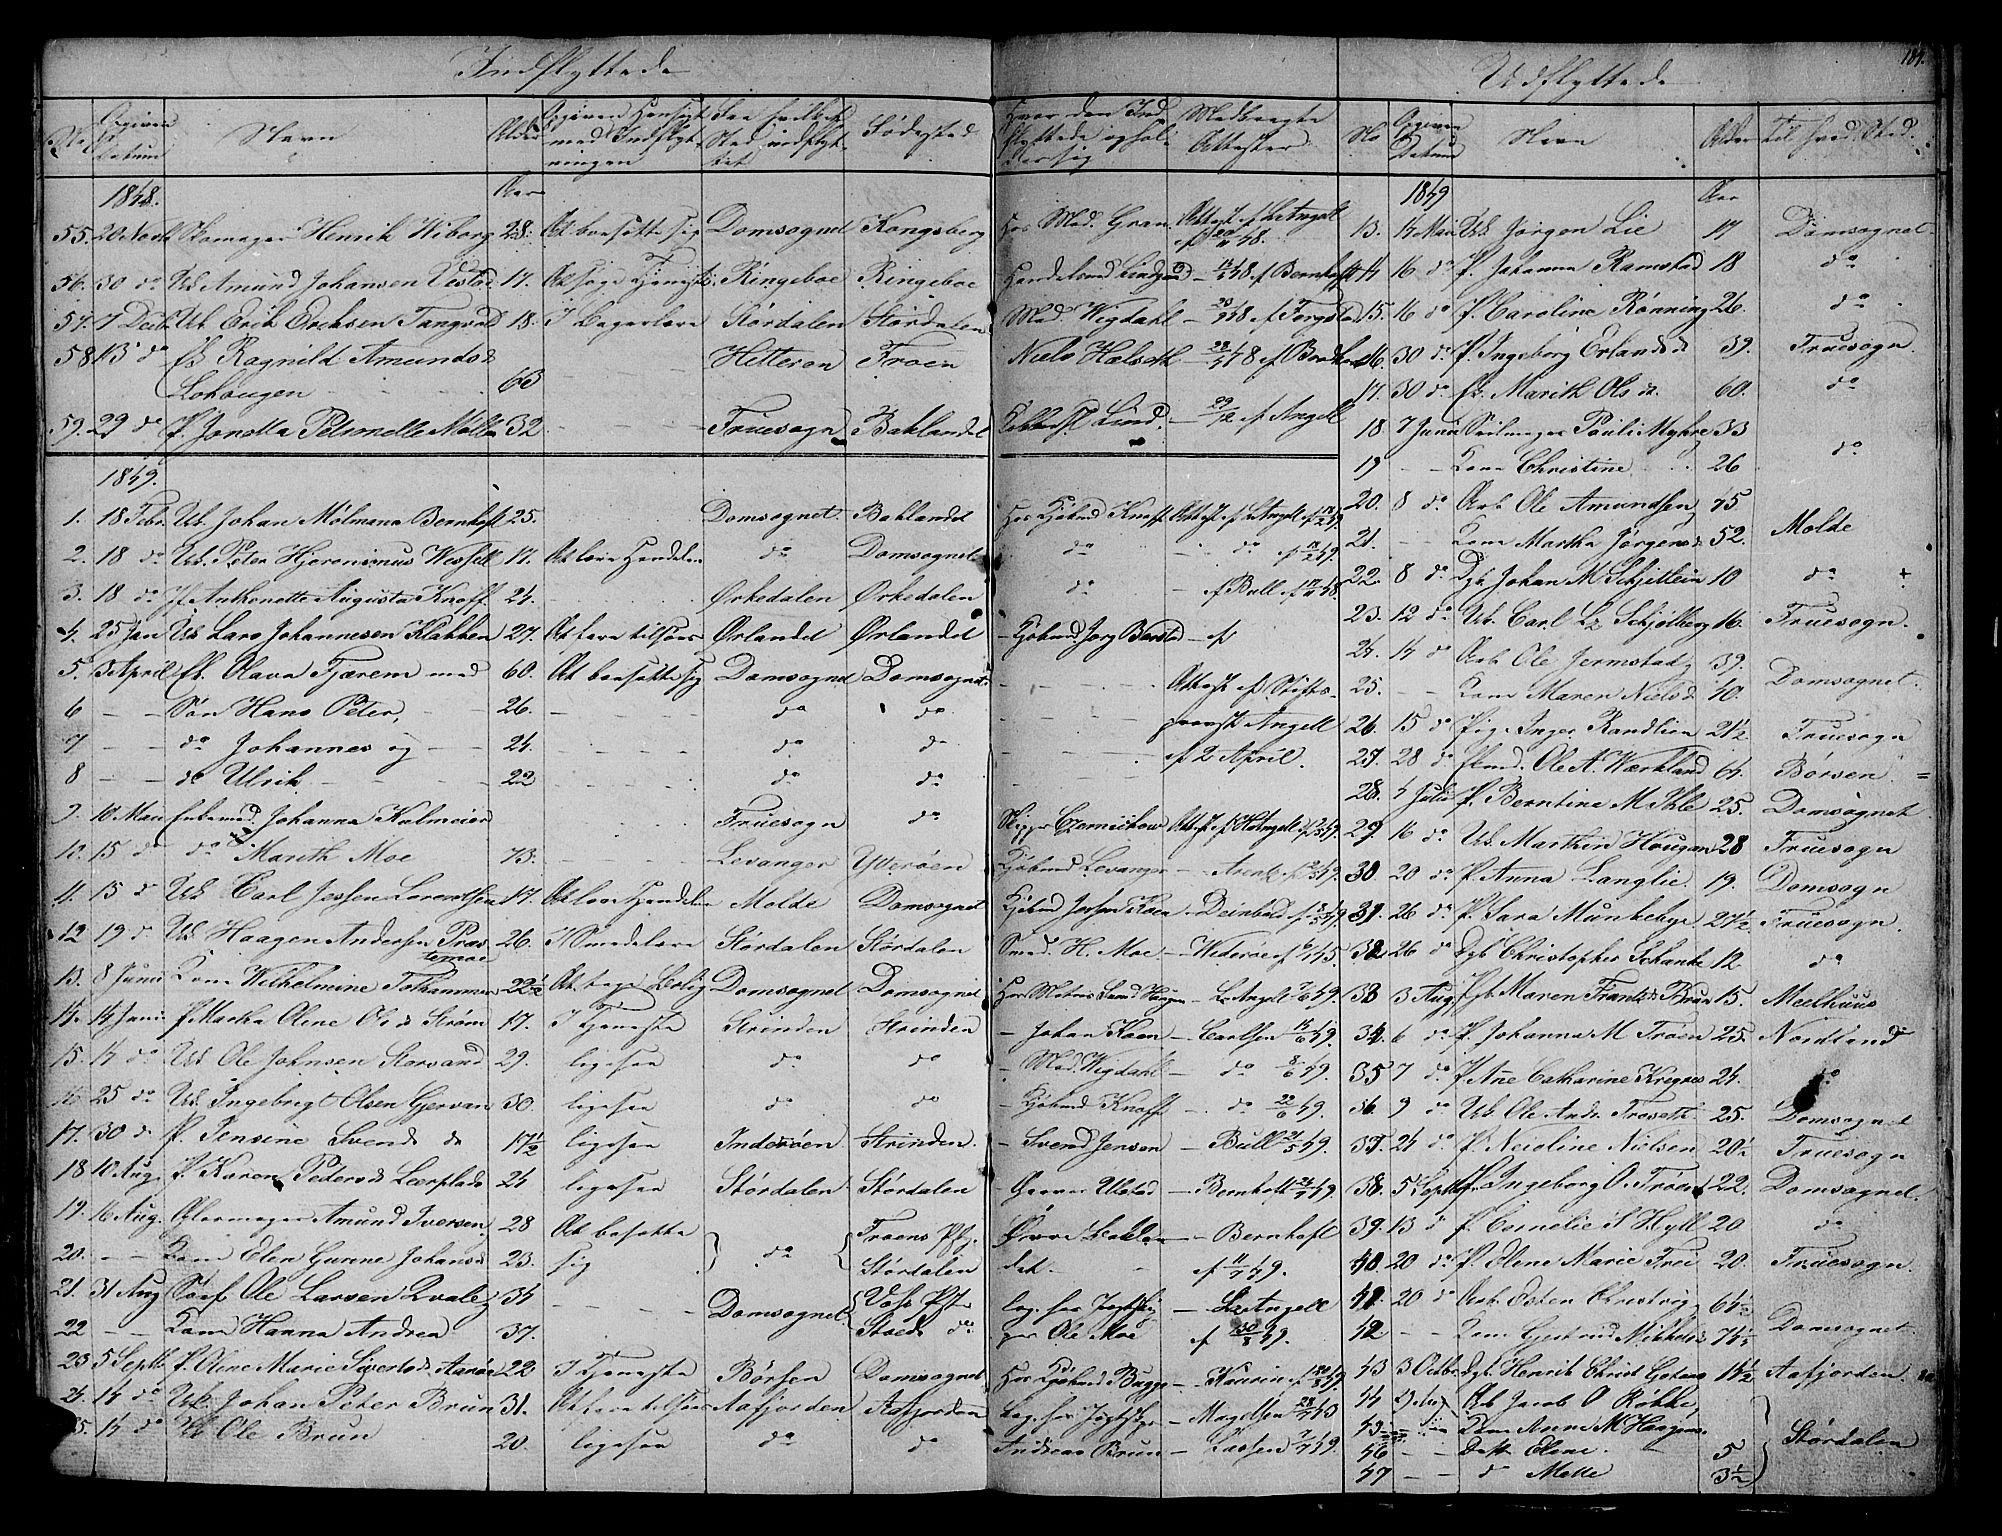 SAT, Ministerialprotokoller, klokkerbøker og fødselsregistre - Sør-Trøndelag, 604/L0182: Ministerialbok nr. 604A03, 1818-1850, s. 184